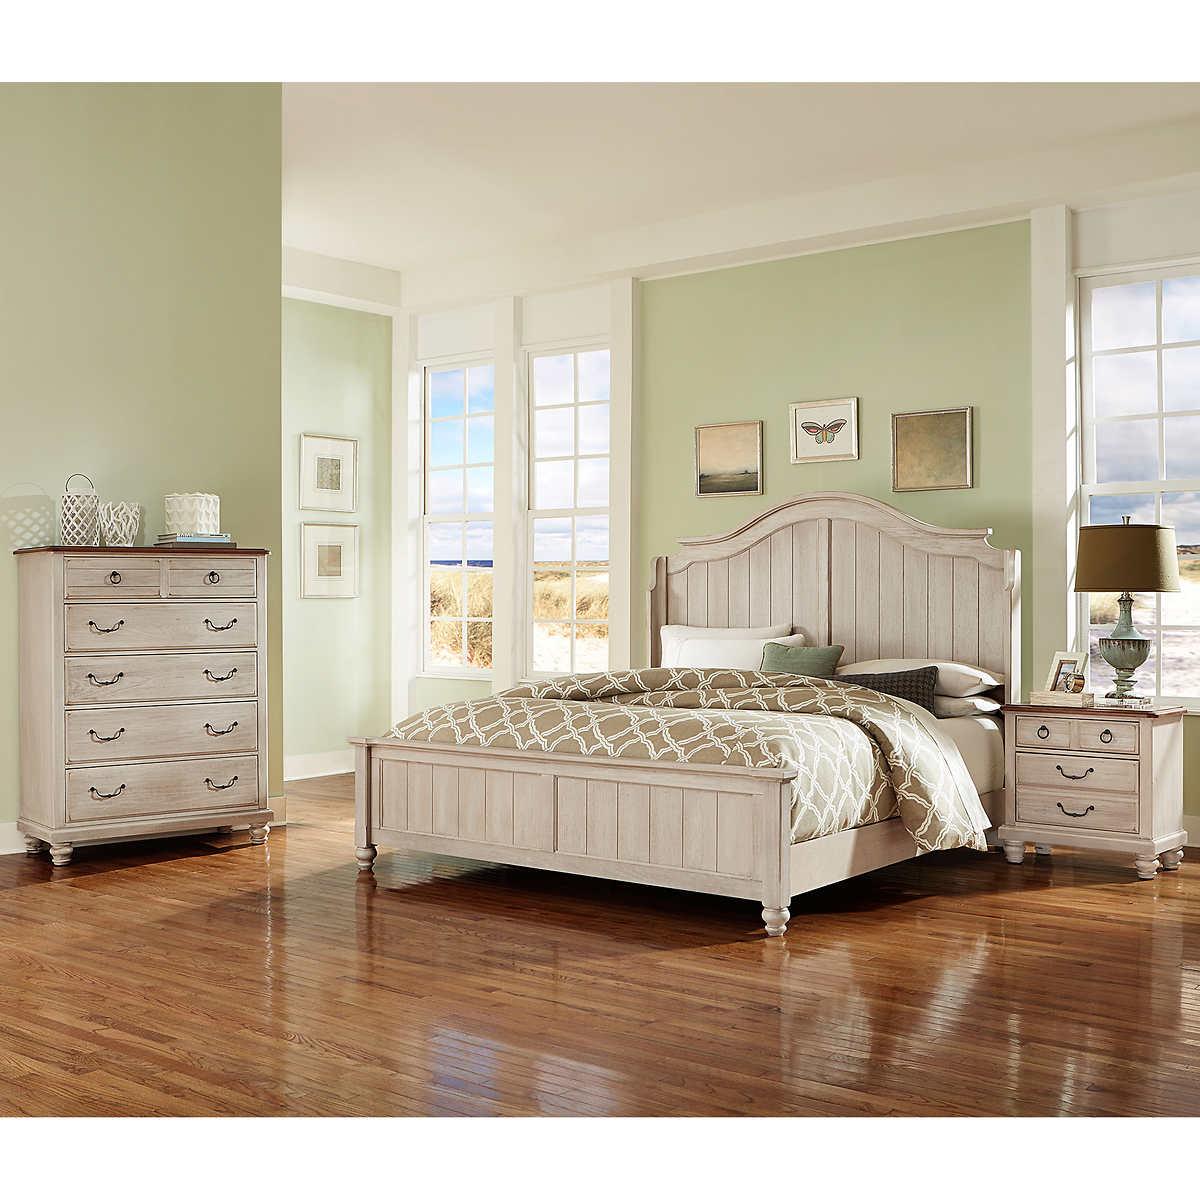 Queen Bedroom Sets savannah 4-piece queen bedroom set